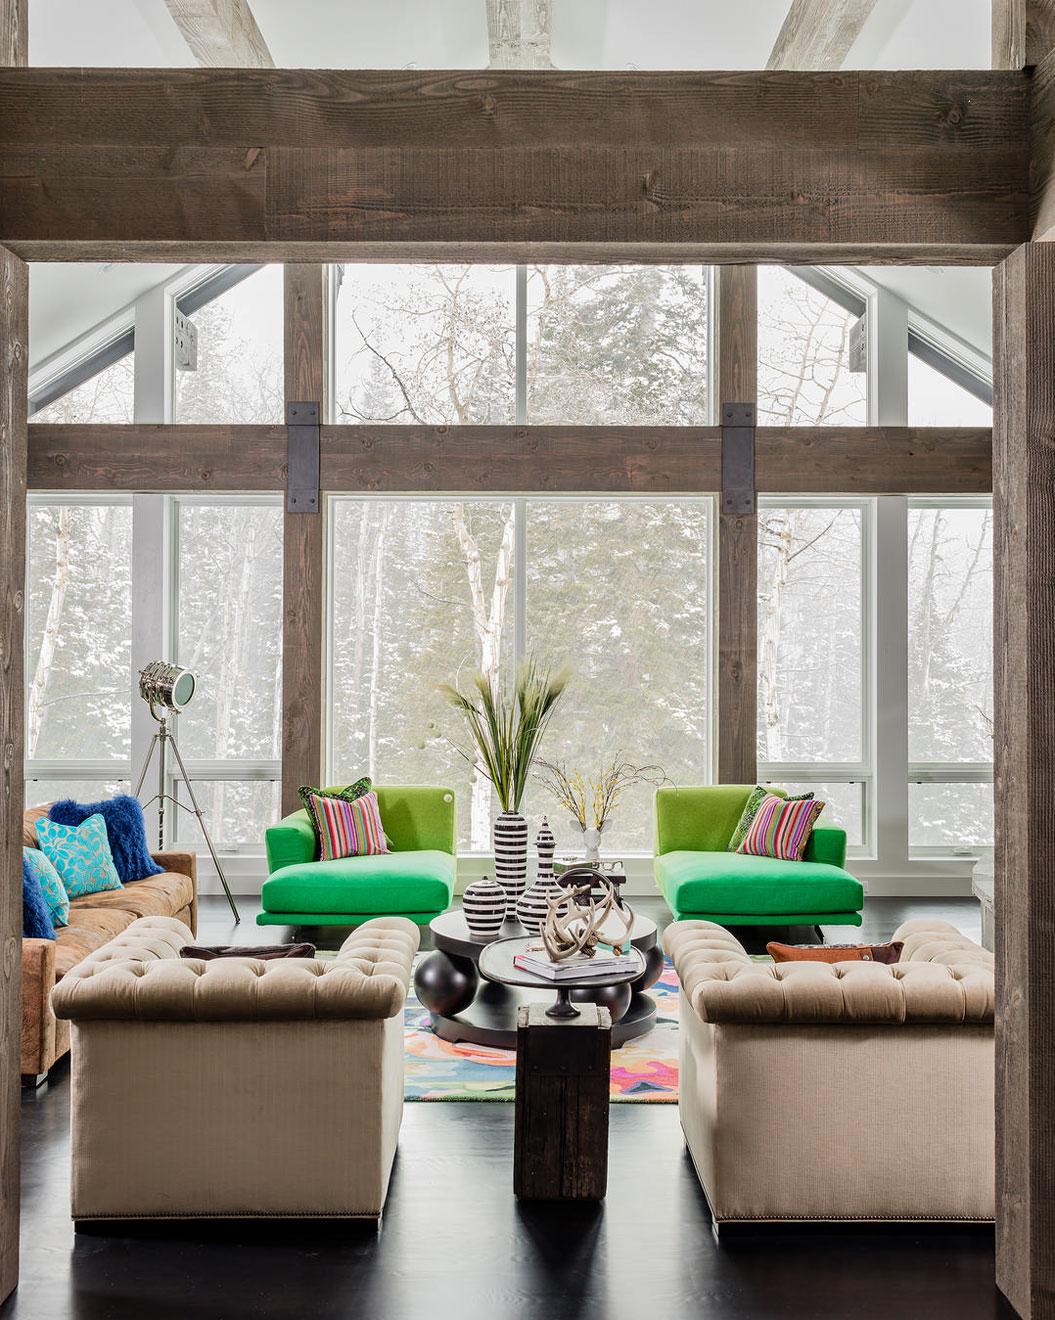 Inquiries for interior design services